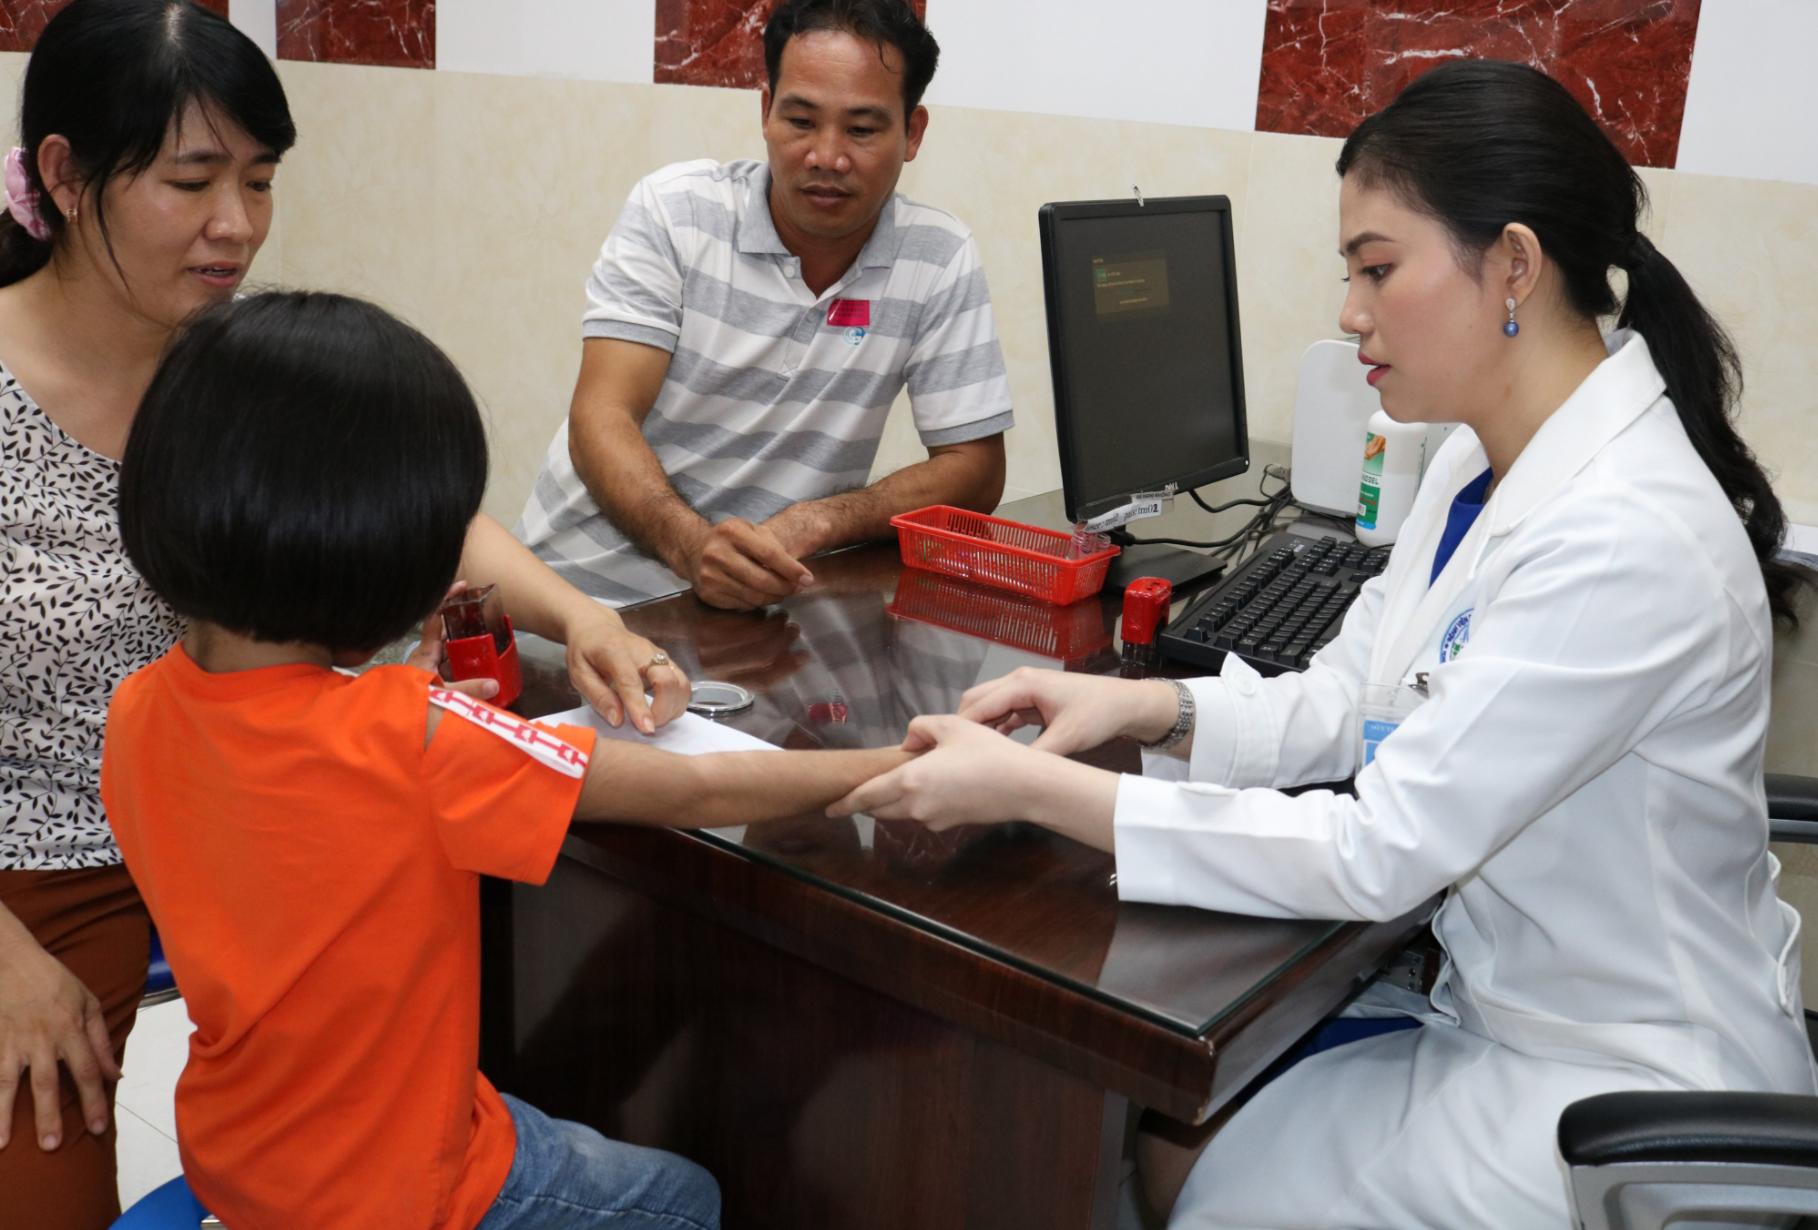 Bé gái 6 tuổi mắc hội chứng 'rậm lông toàn thân' lần đầu tiên xuất hiện tại Việt Nam, bị bạn bè chê cười - Ảnh 6.